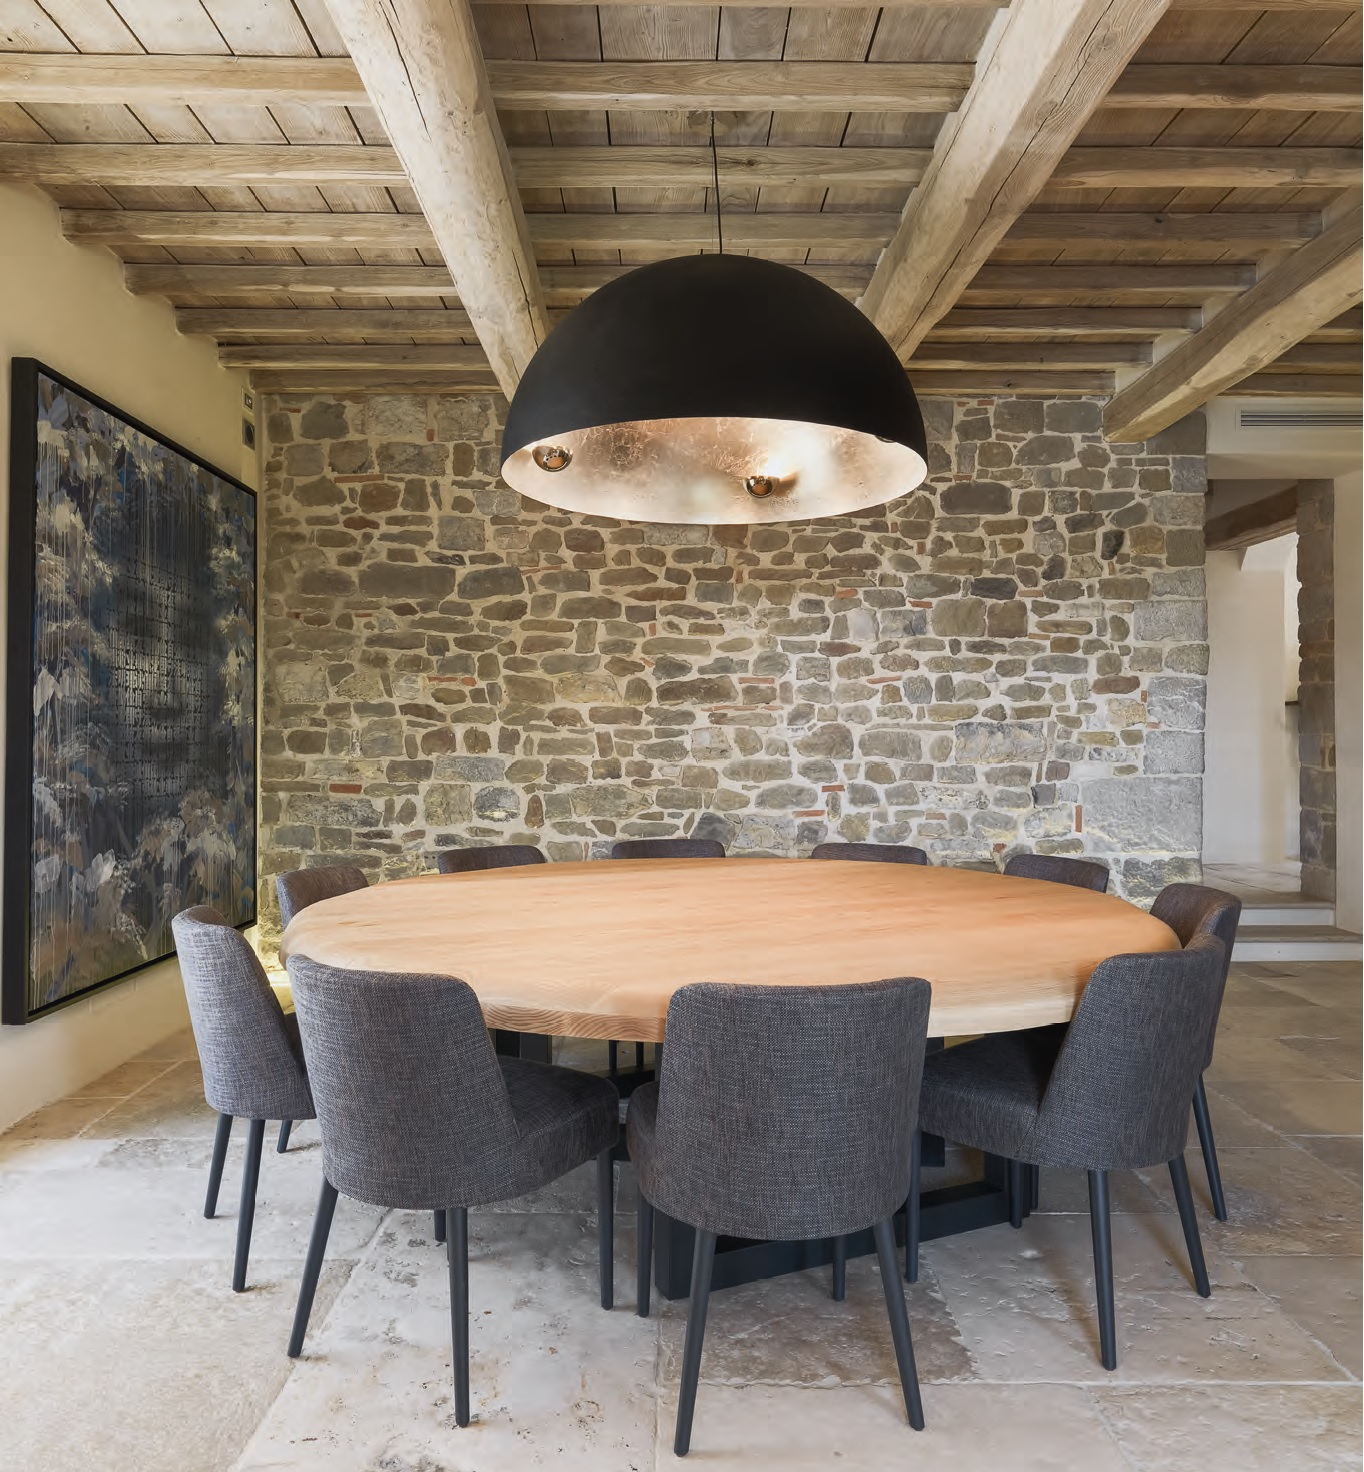 Travi a vista romantico restauro di un edificio antico for Casa moderna con tetto in legno